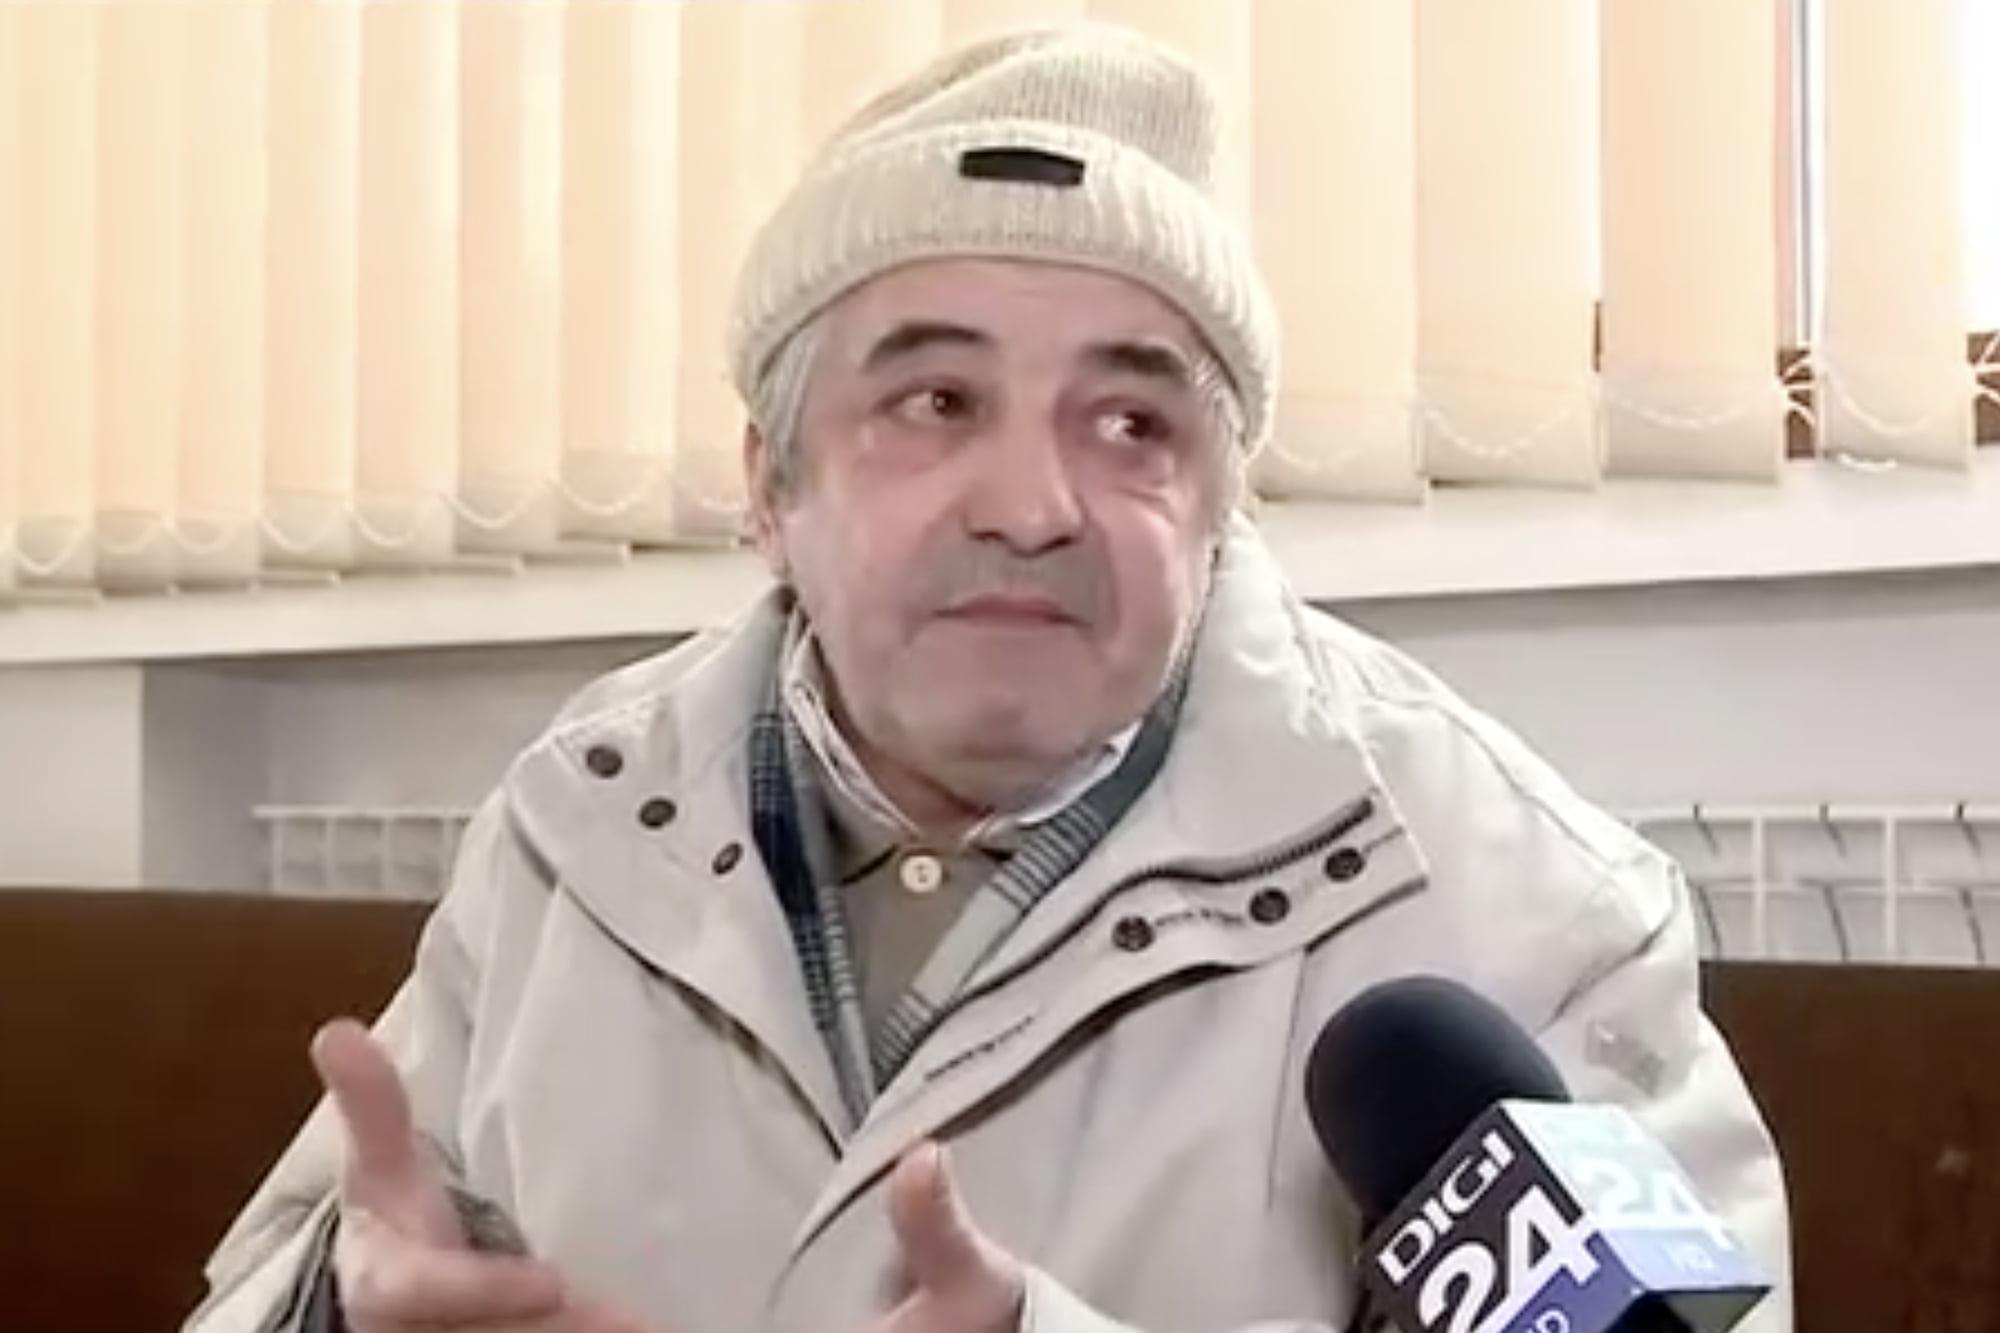 羅馬尼亞大廚 外國打工多年 竟被妻子申請「證實死亡」身分盡失